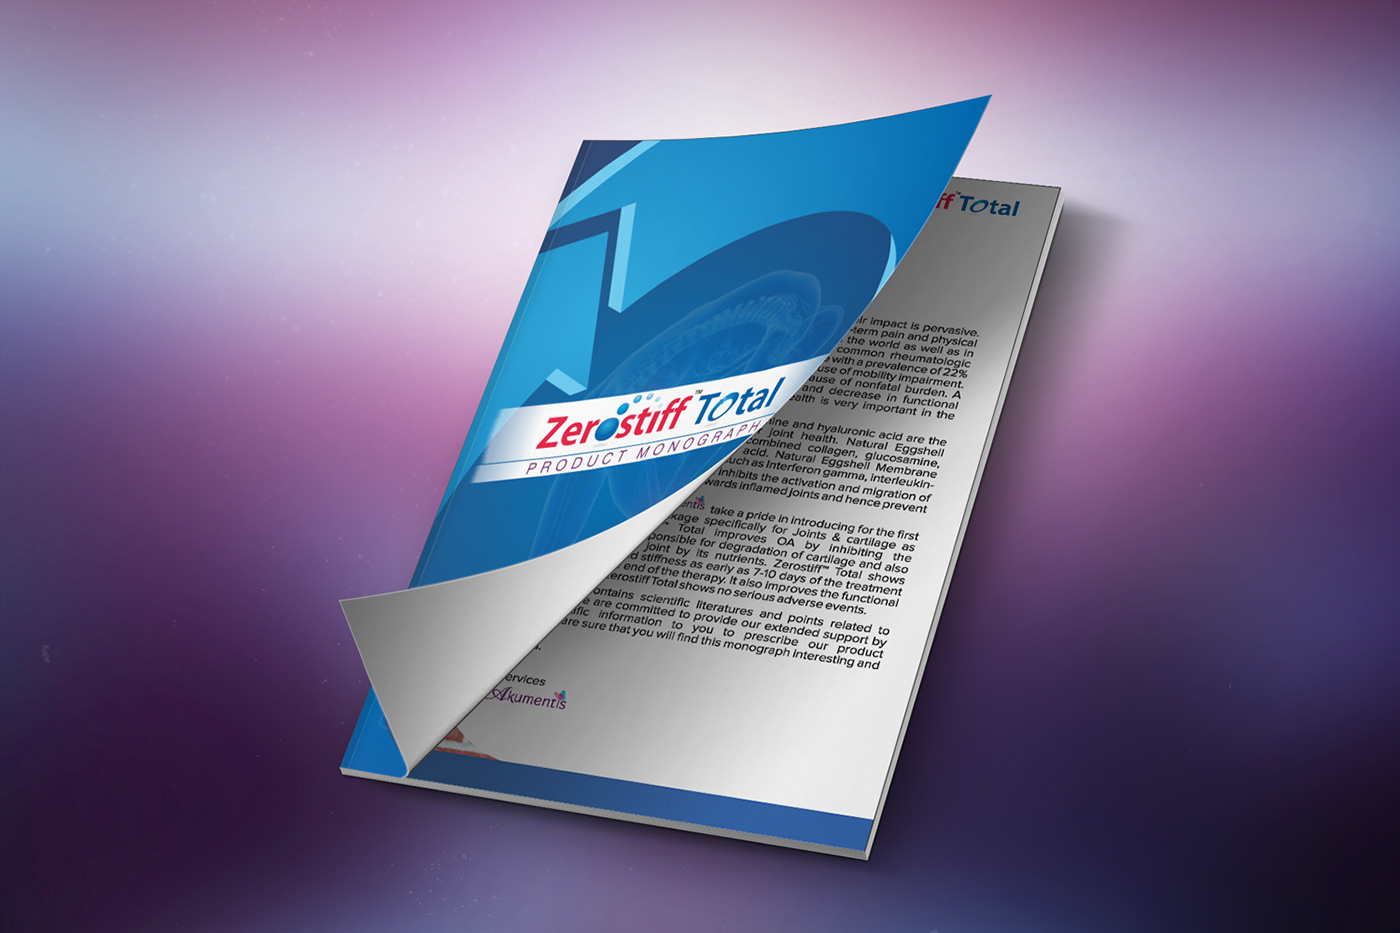 Image may contain: screenshot and book